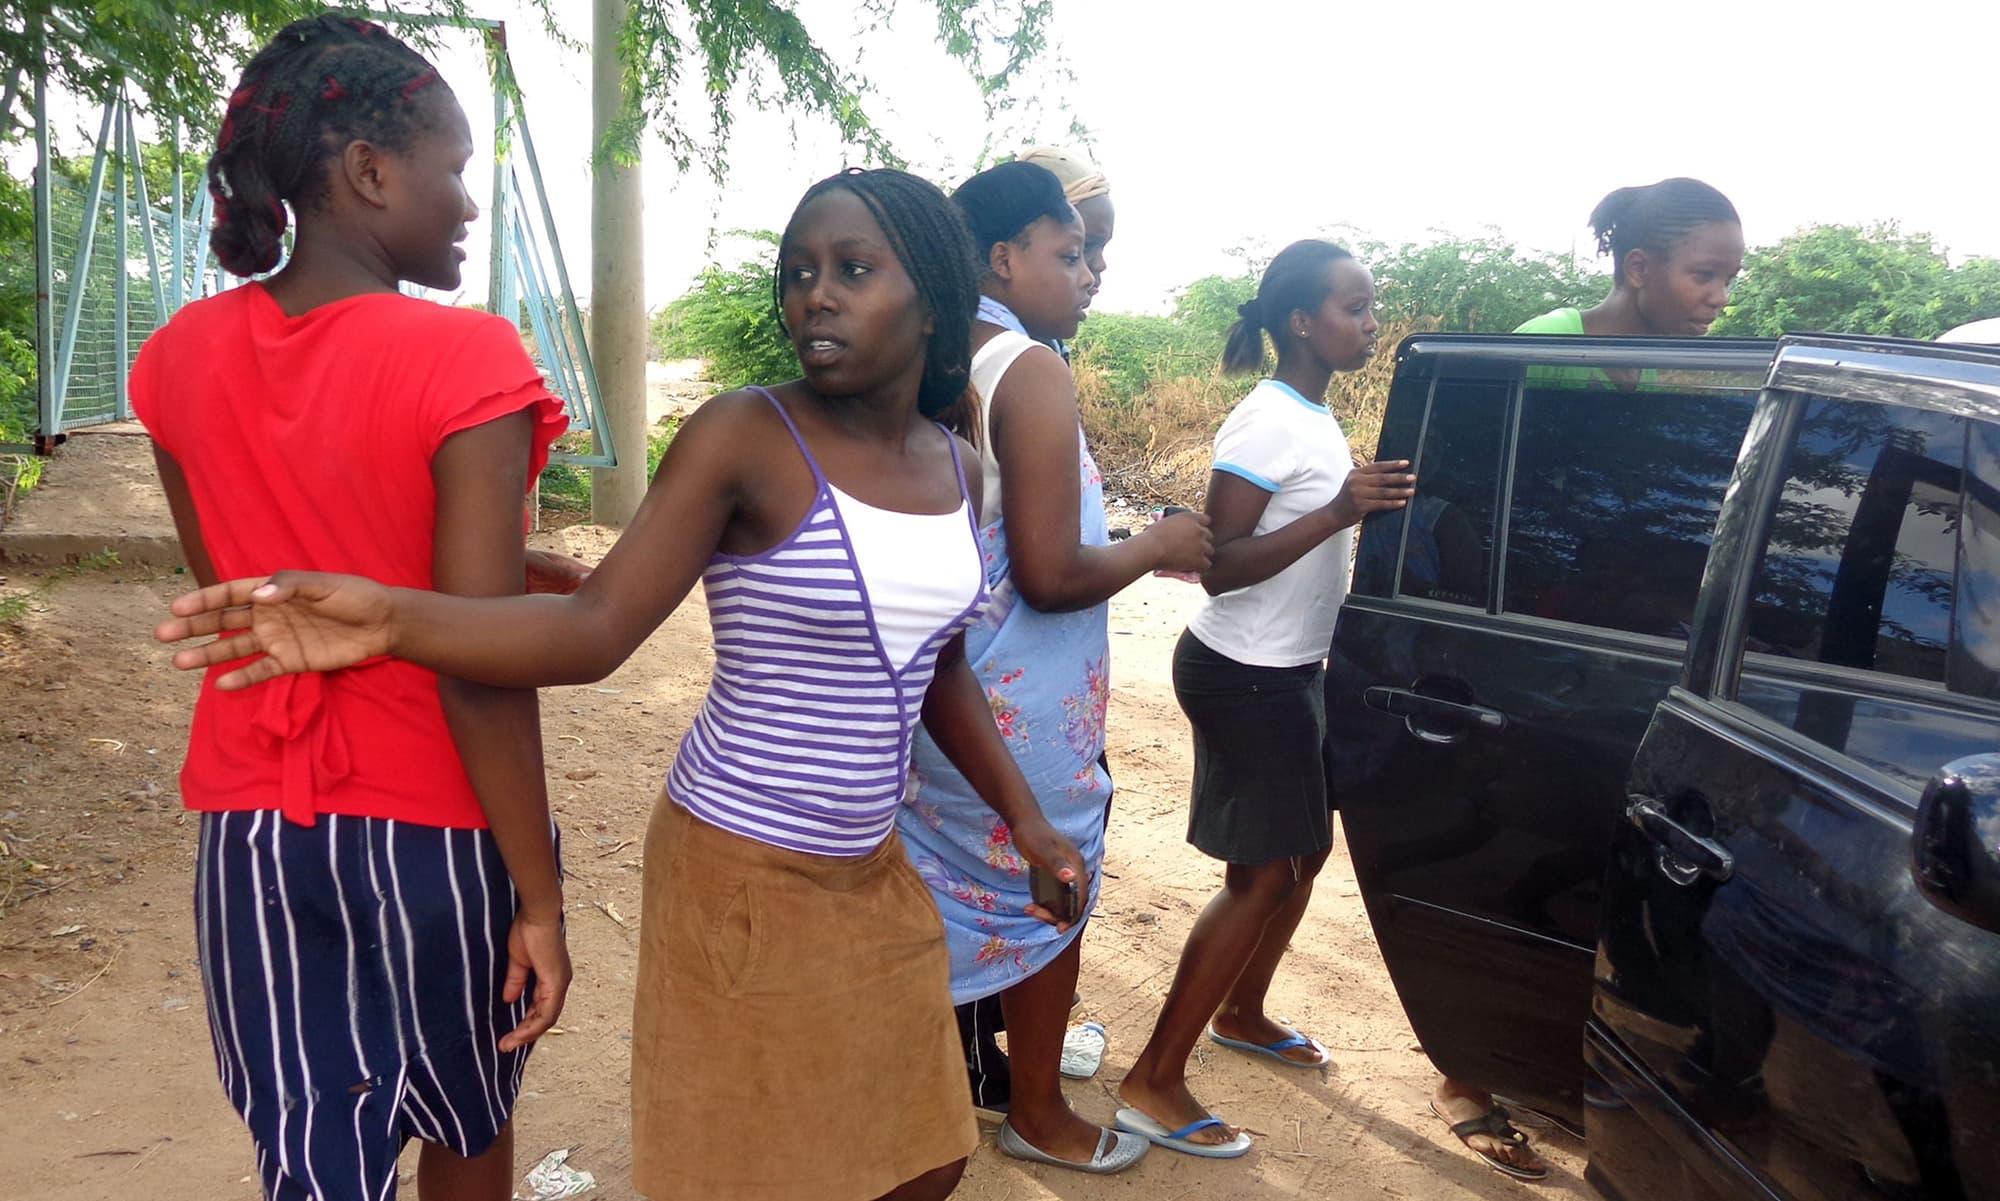 Студенты Университета Moi оставить после побега нападения.  -AFP